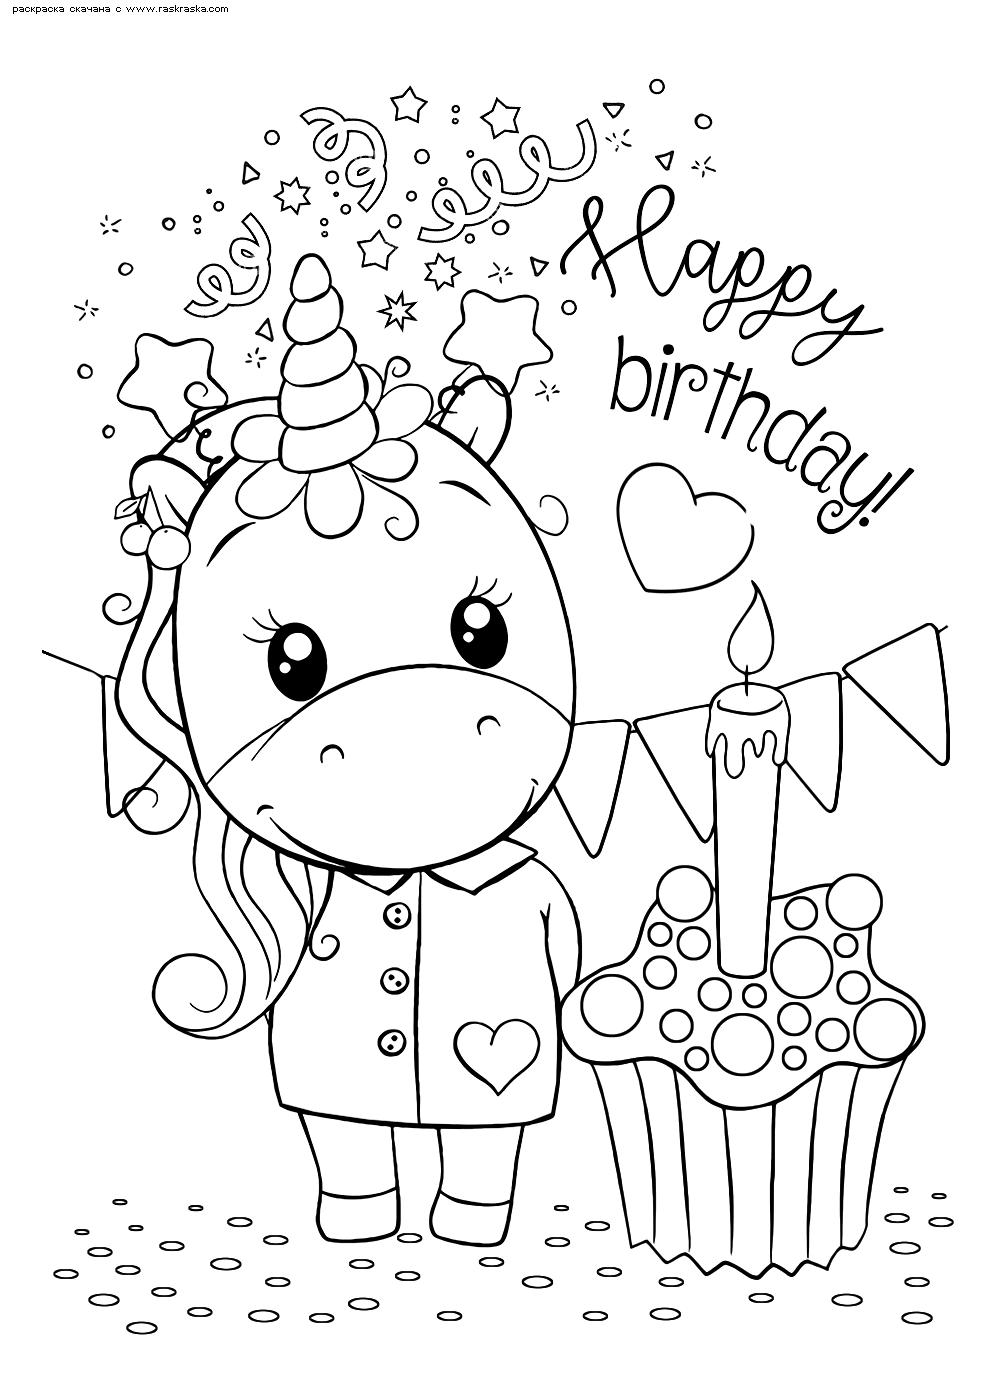 Раскраска С днем рождения! | Раскраски няшных животных ...